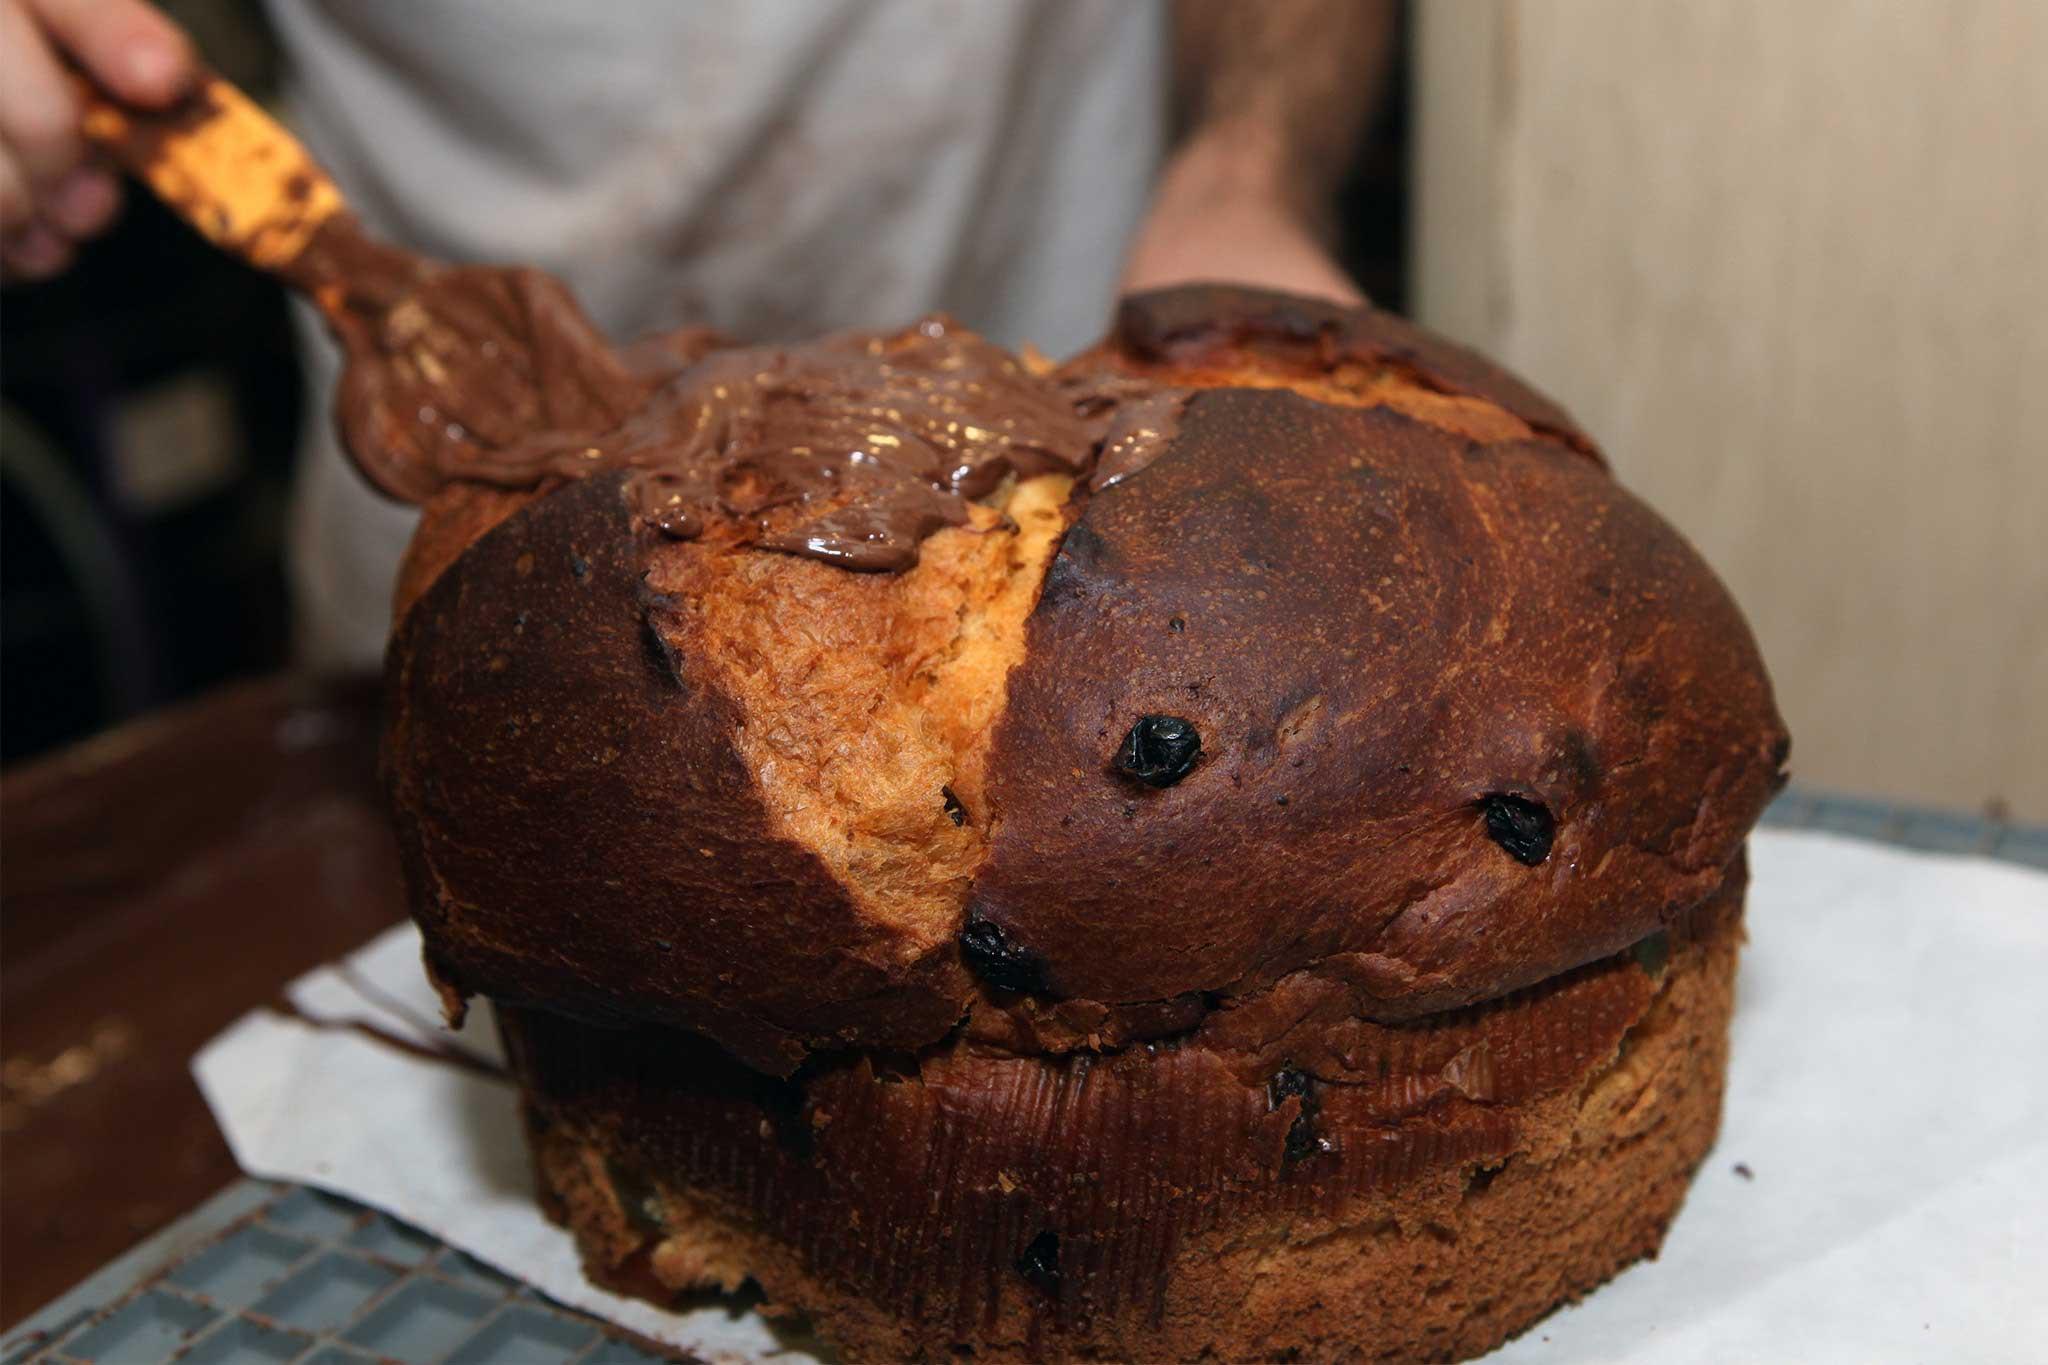 preparazione panettone cioccolato 2